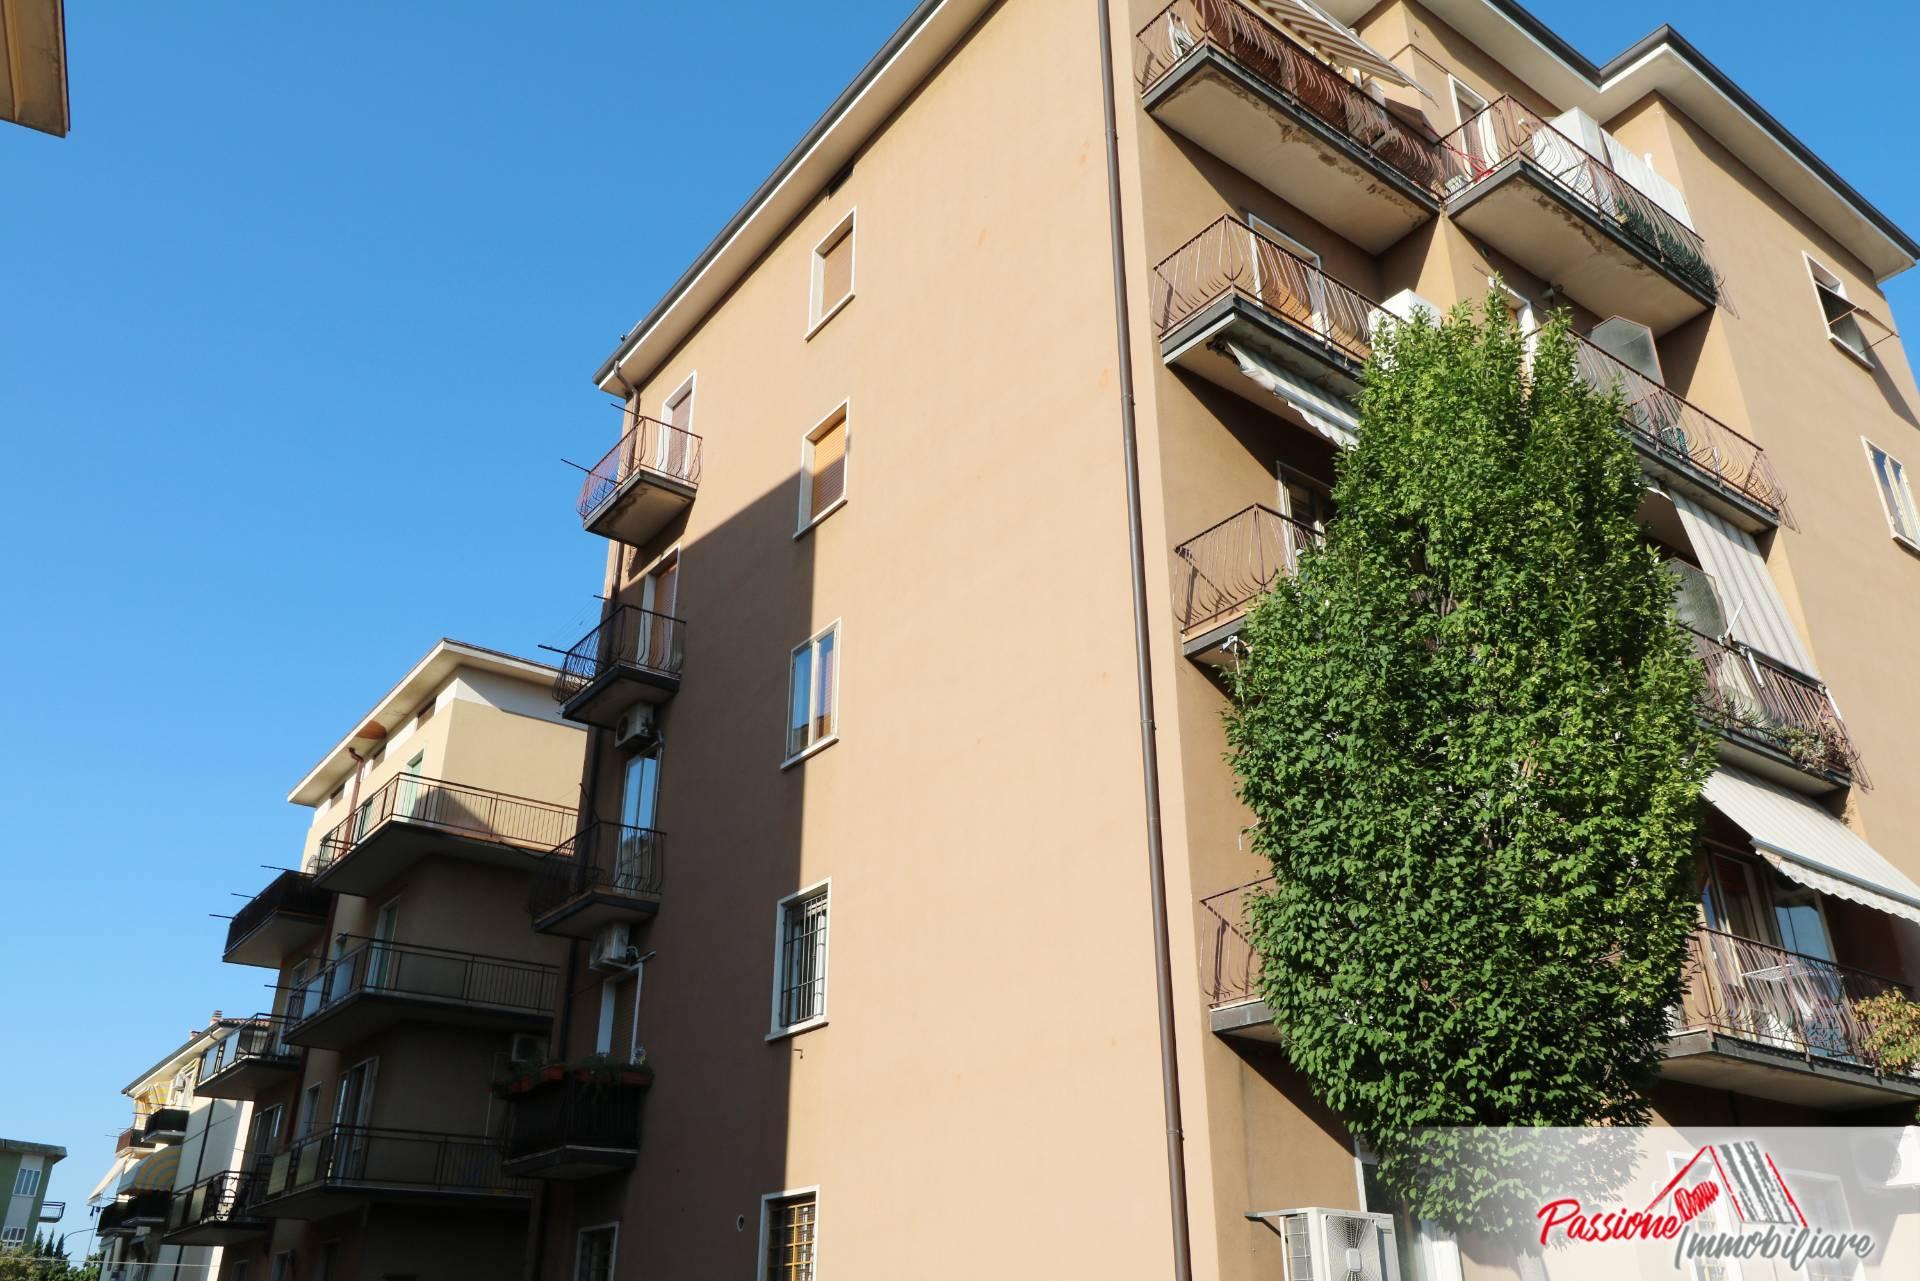 Appartamento in vendita a Borgo Roma – Passione Immobiliare Verona